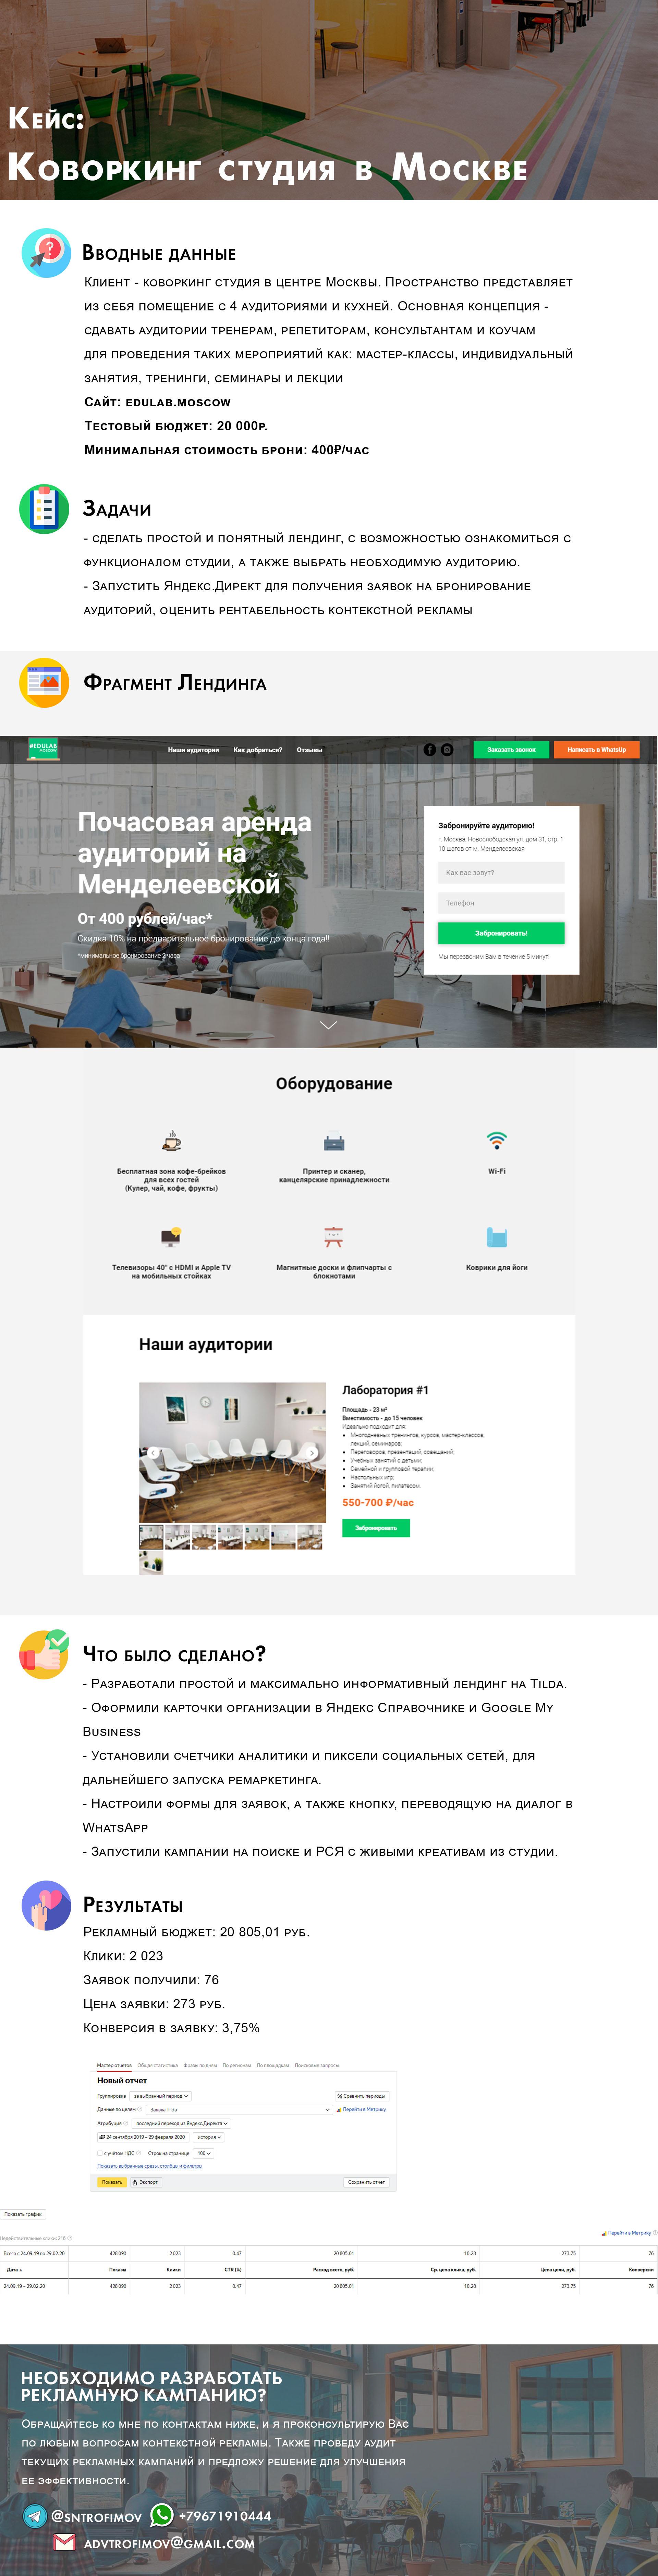 Лендинг + Яндекс.Директ для почасовой аренды аудиторий